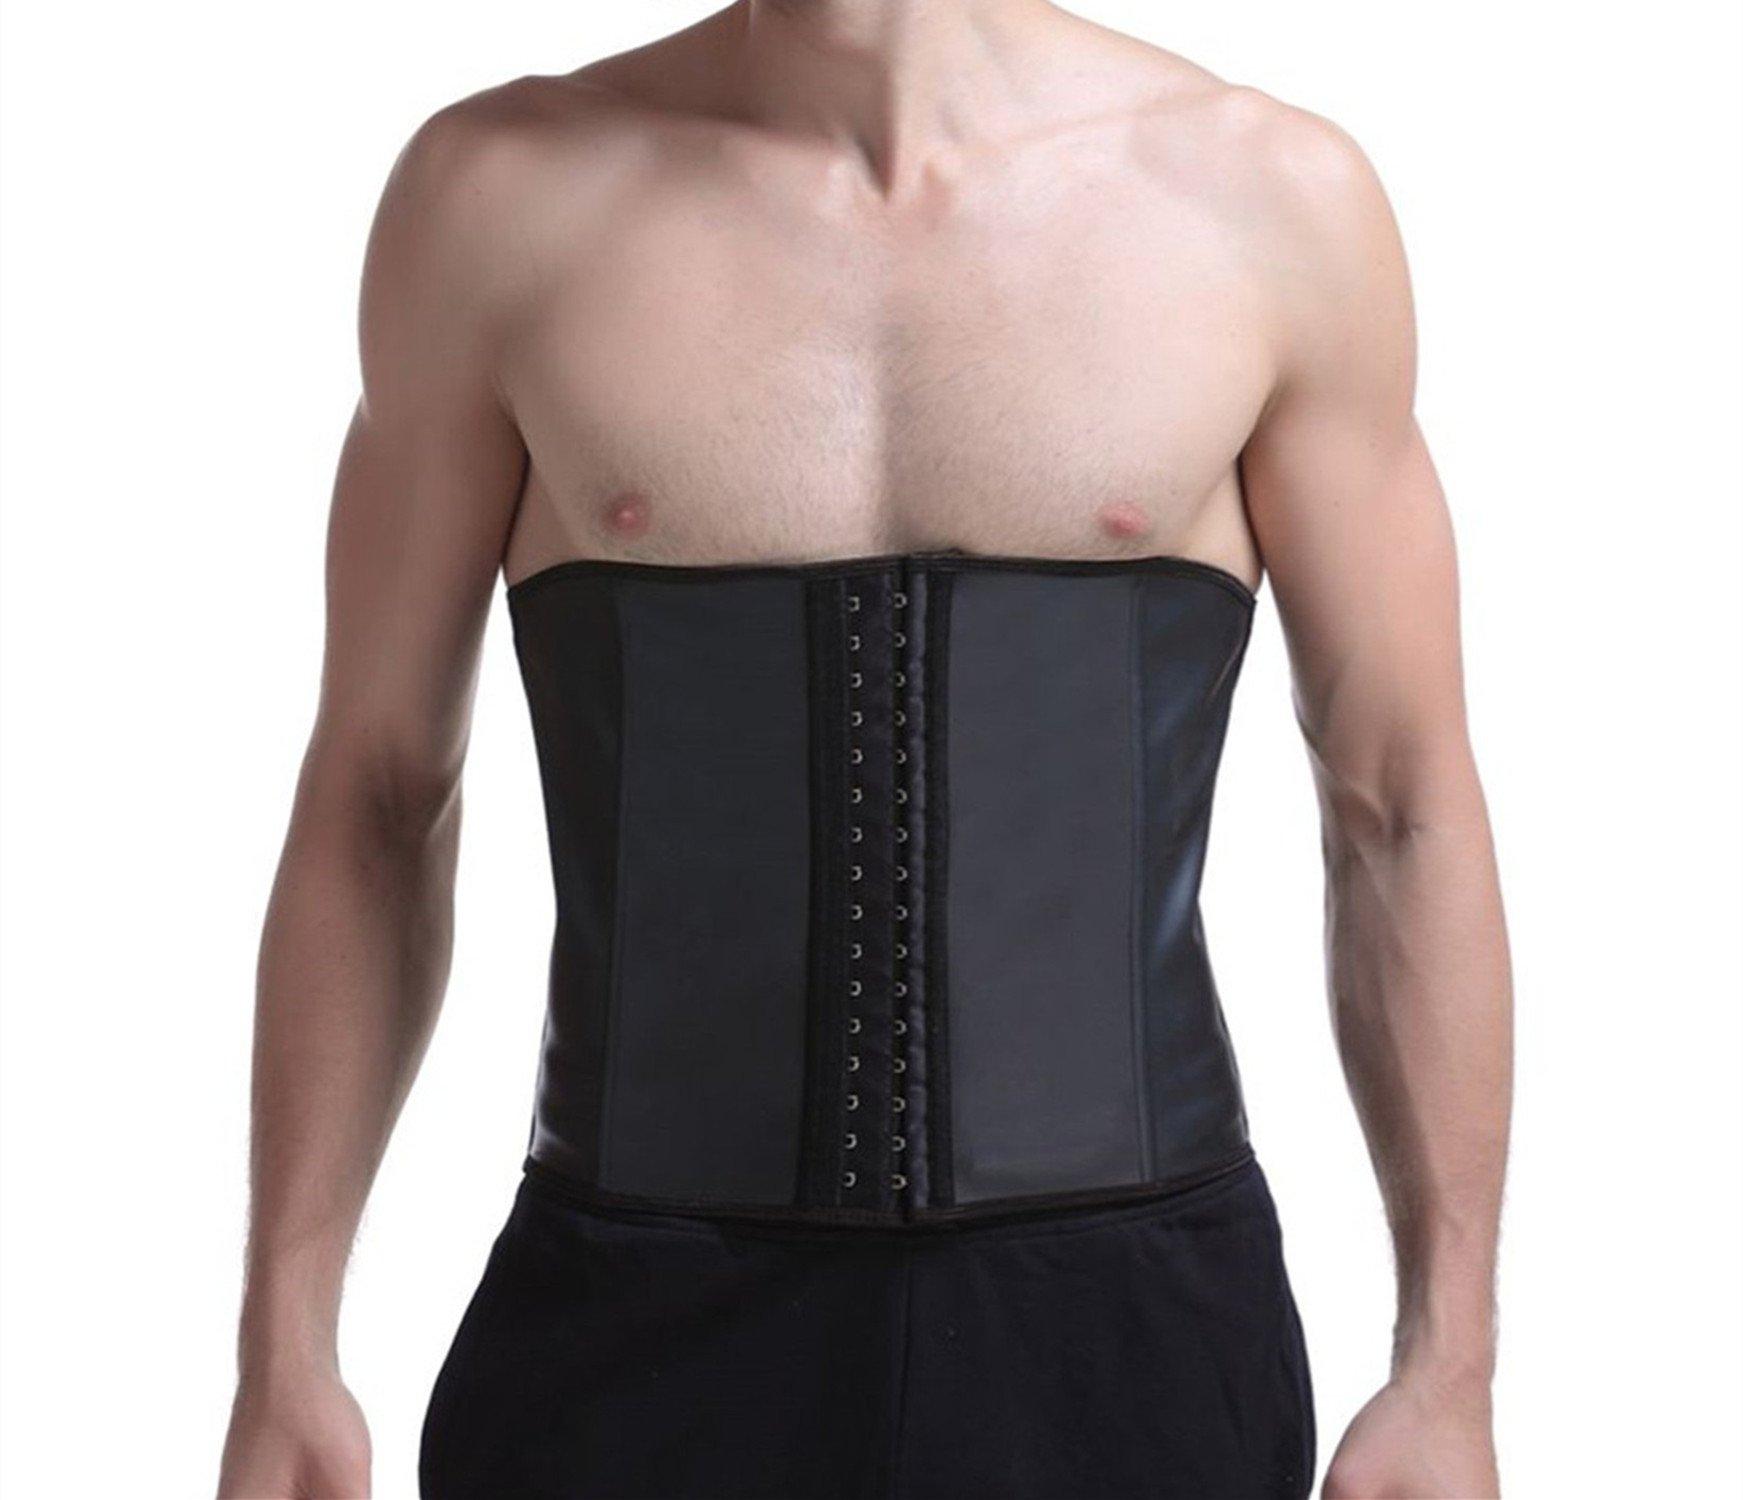 Imurz Men's Tummy Control Steel Boned Waist Trainer Workout Sport Shapewear Black S